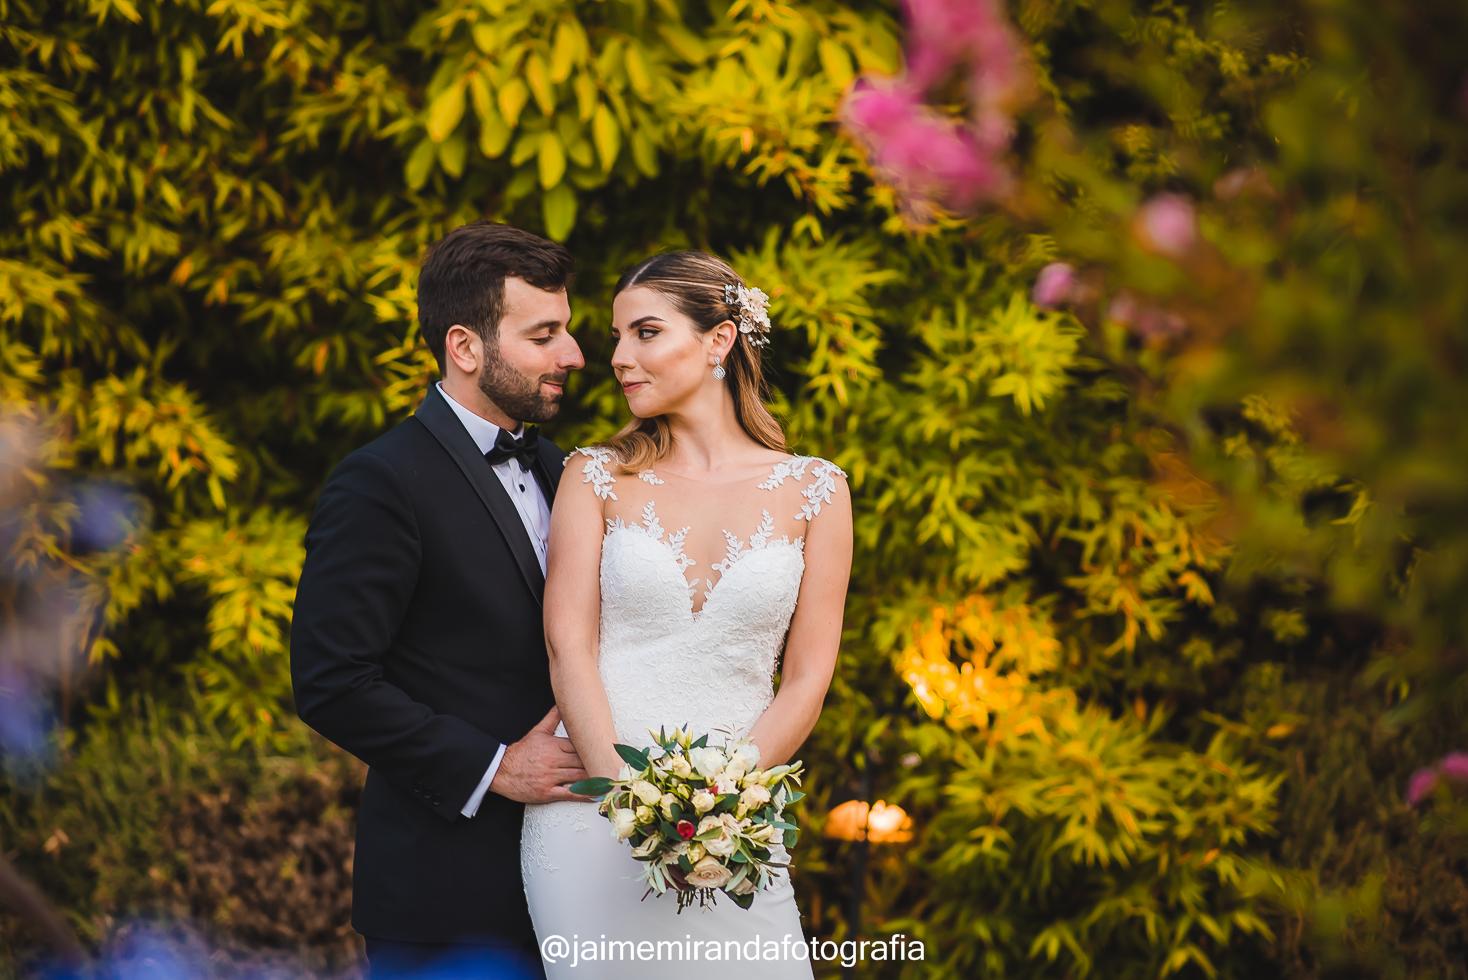 jaime miranda fotografia matrimonios (25)